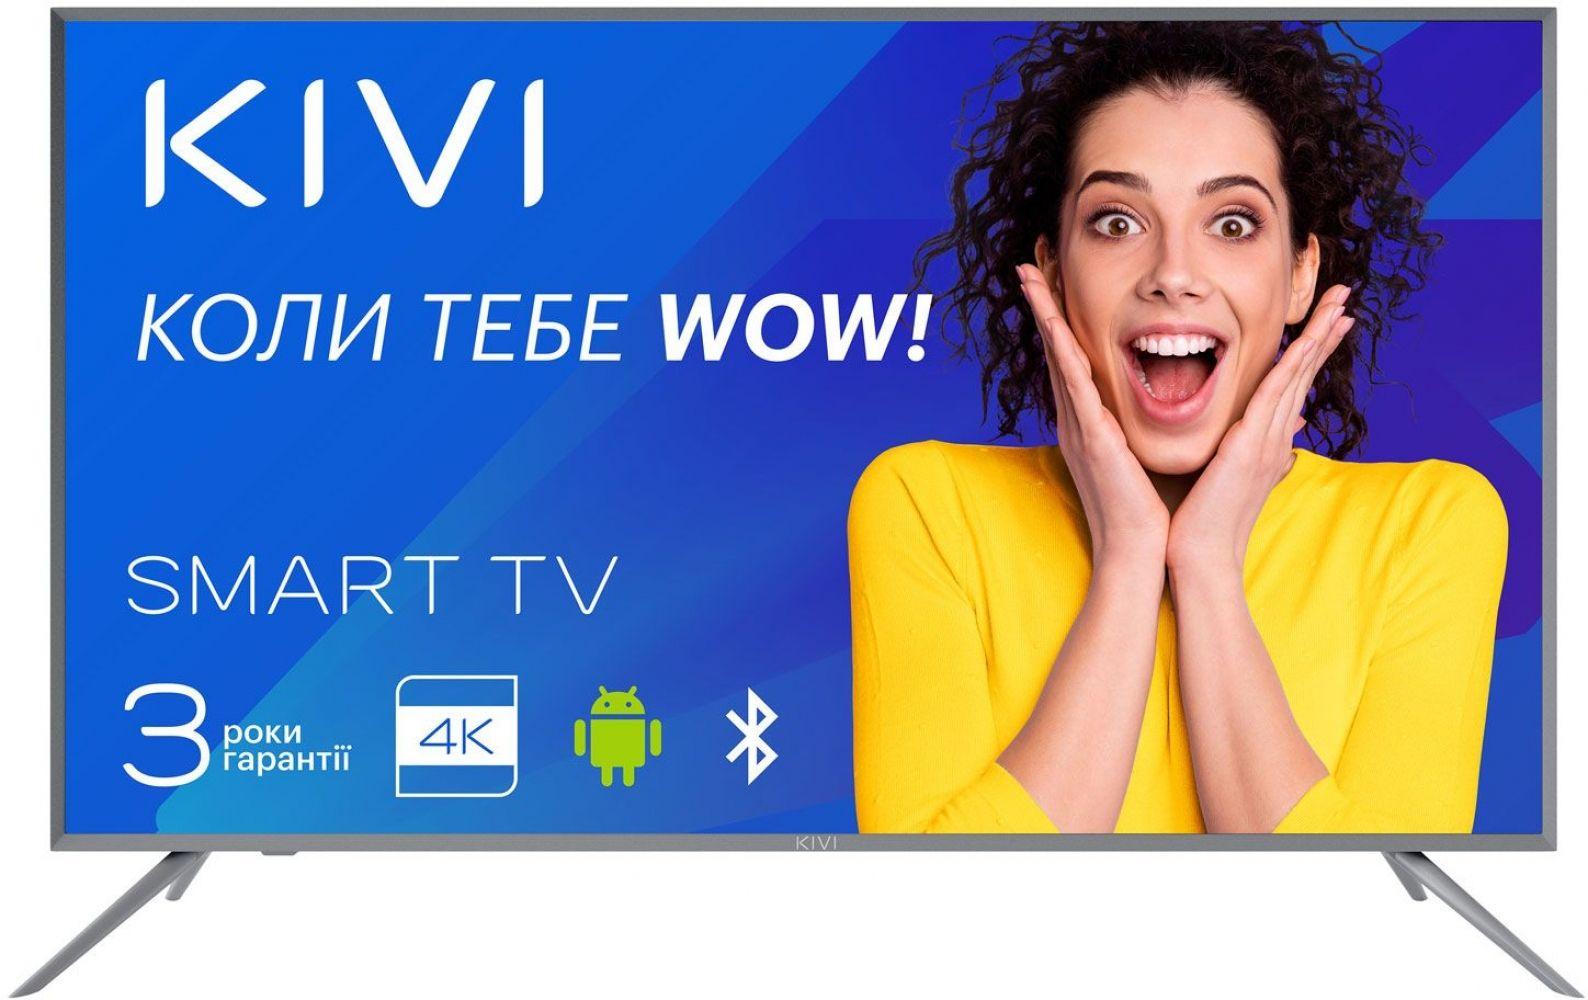 интернет магазины по телевизору реклама